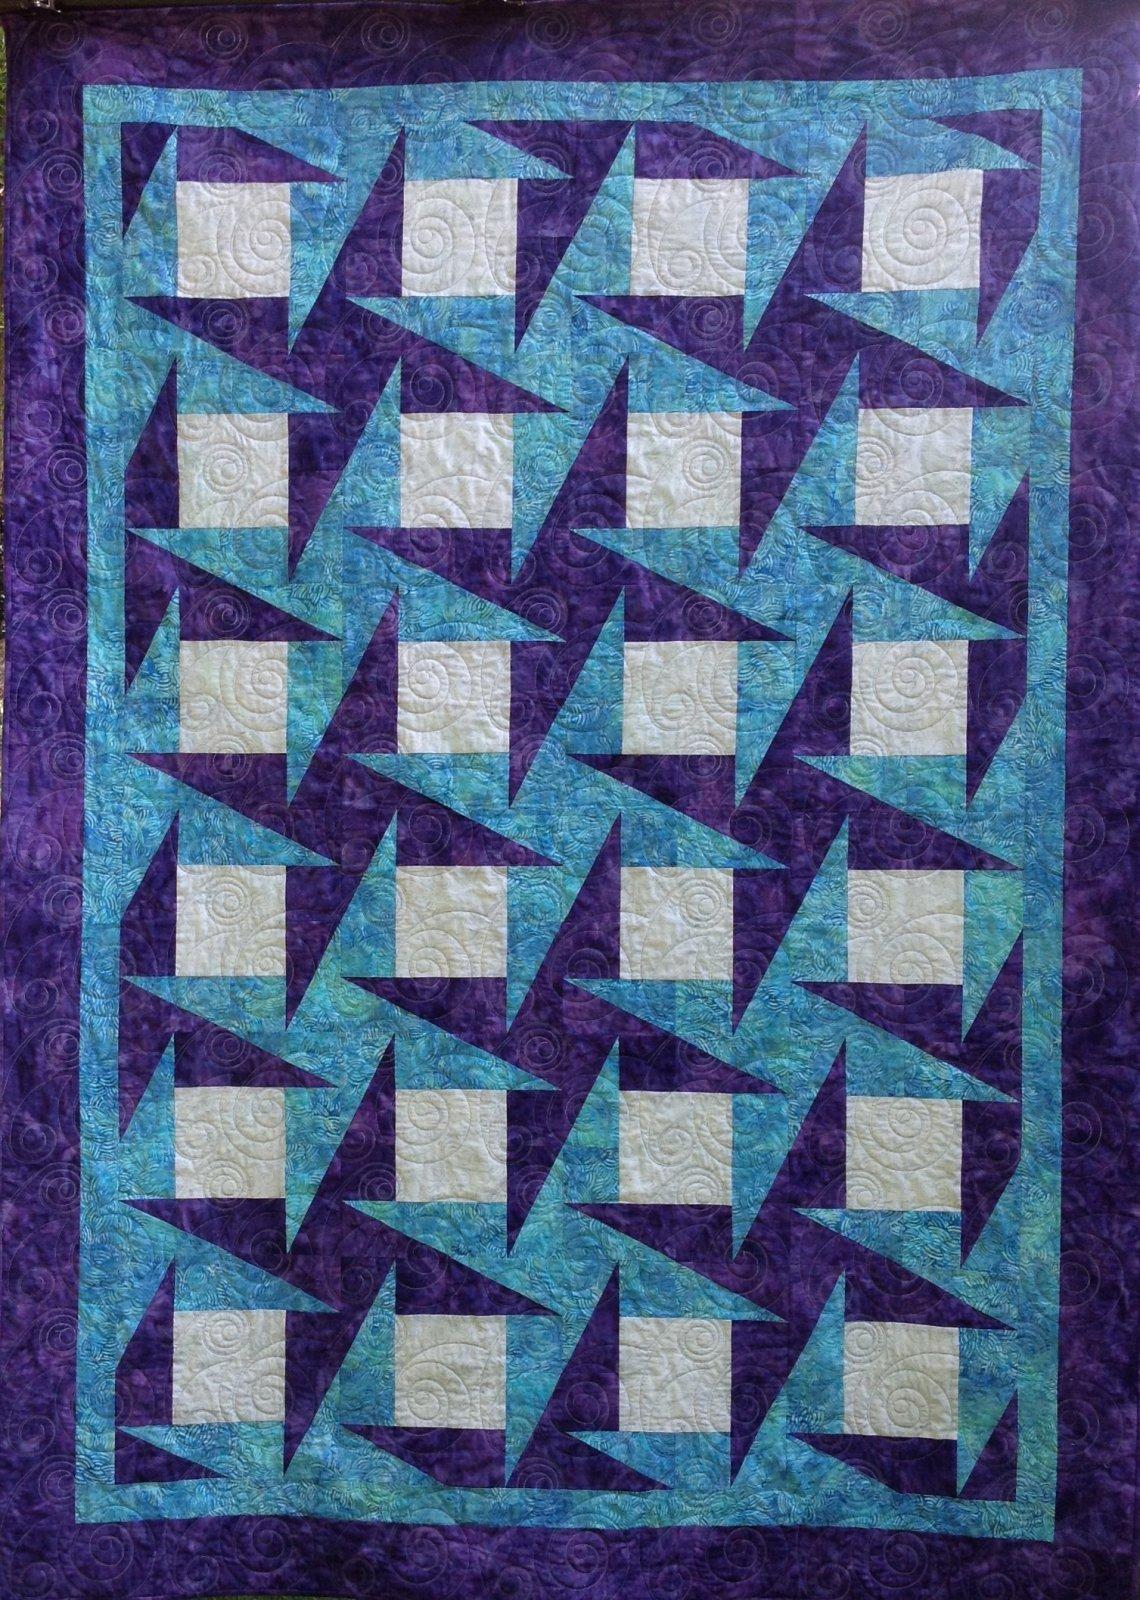 John's Star Pattern - Digital Downlaod